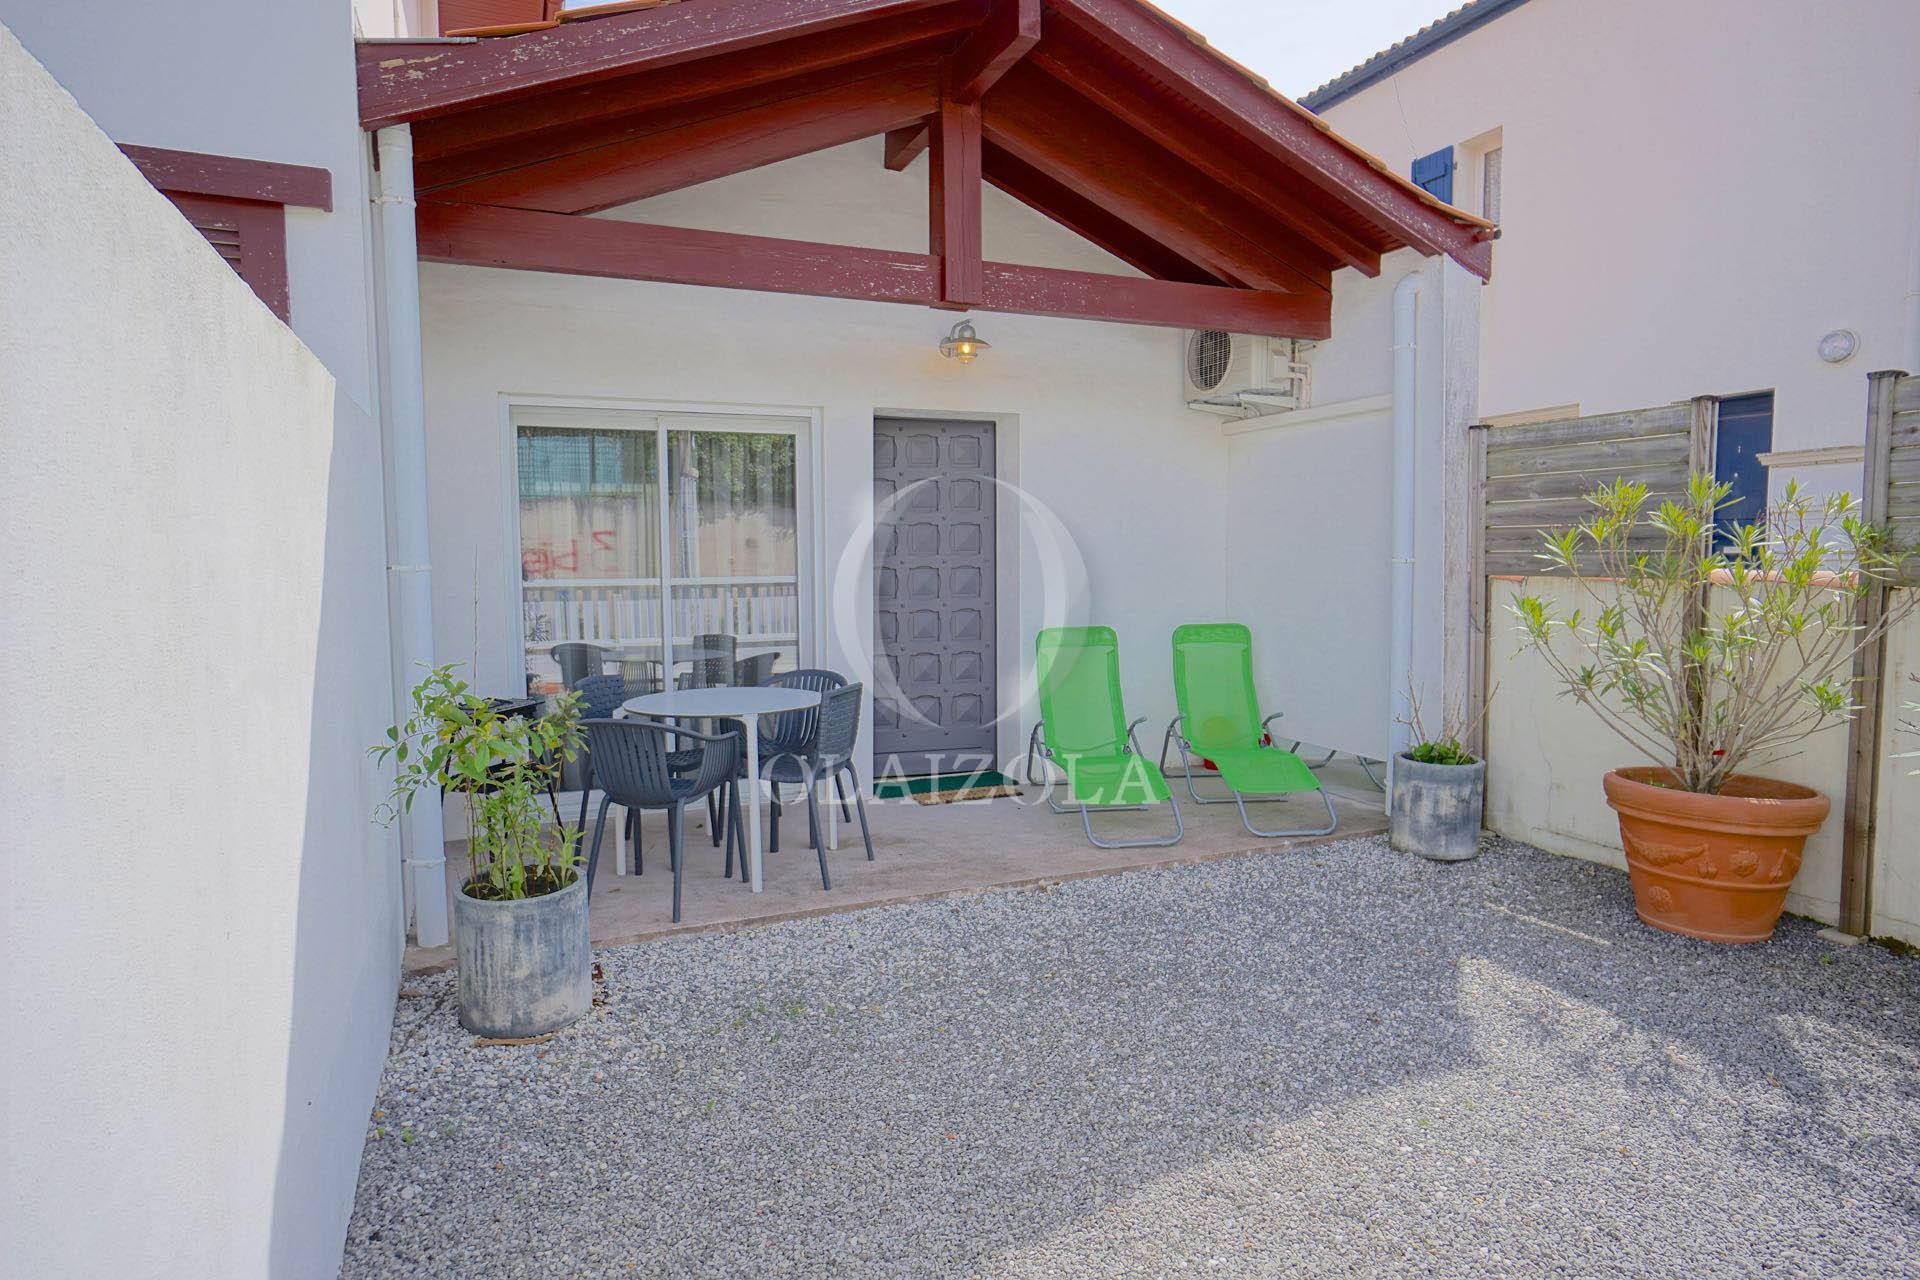 Cot maison neuve location vacances villa la maison et sa for Agence de location maison